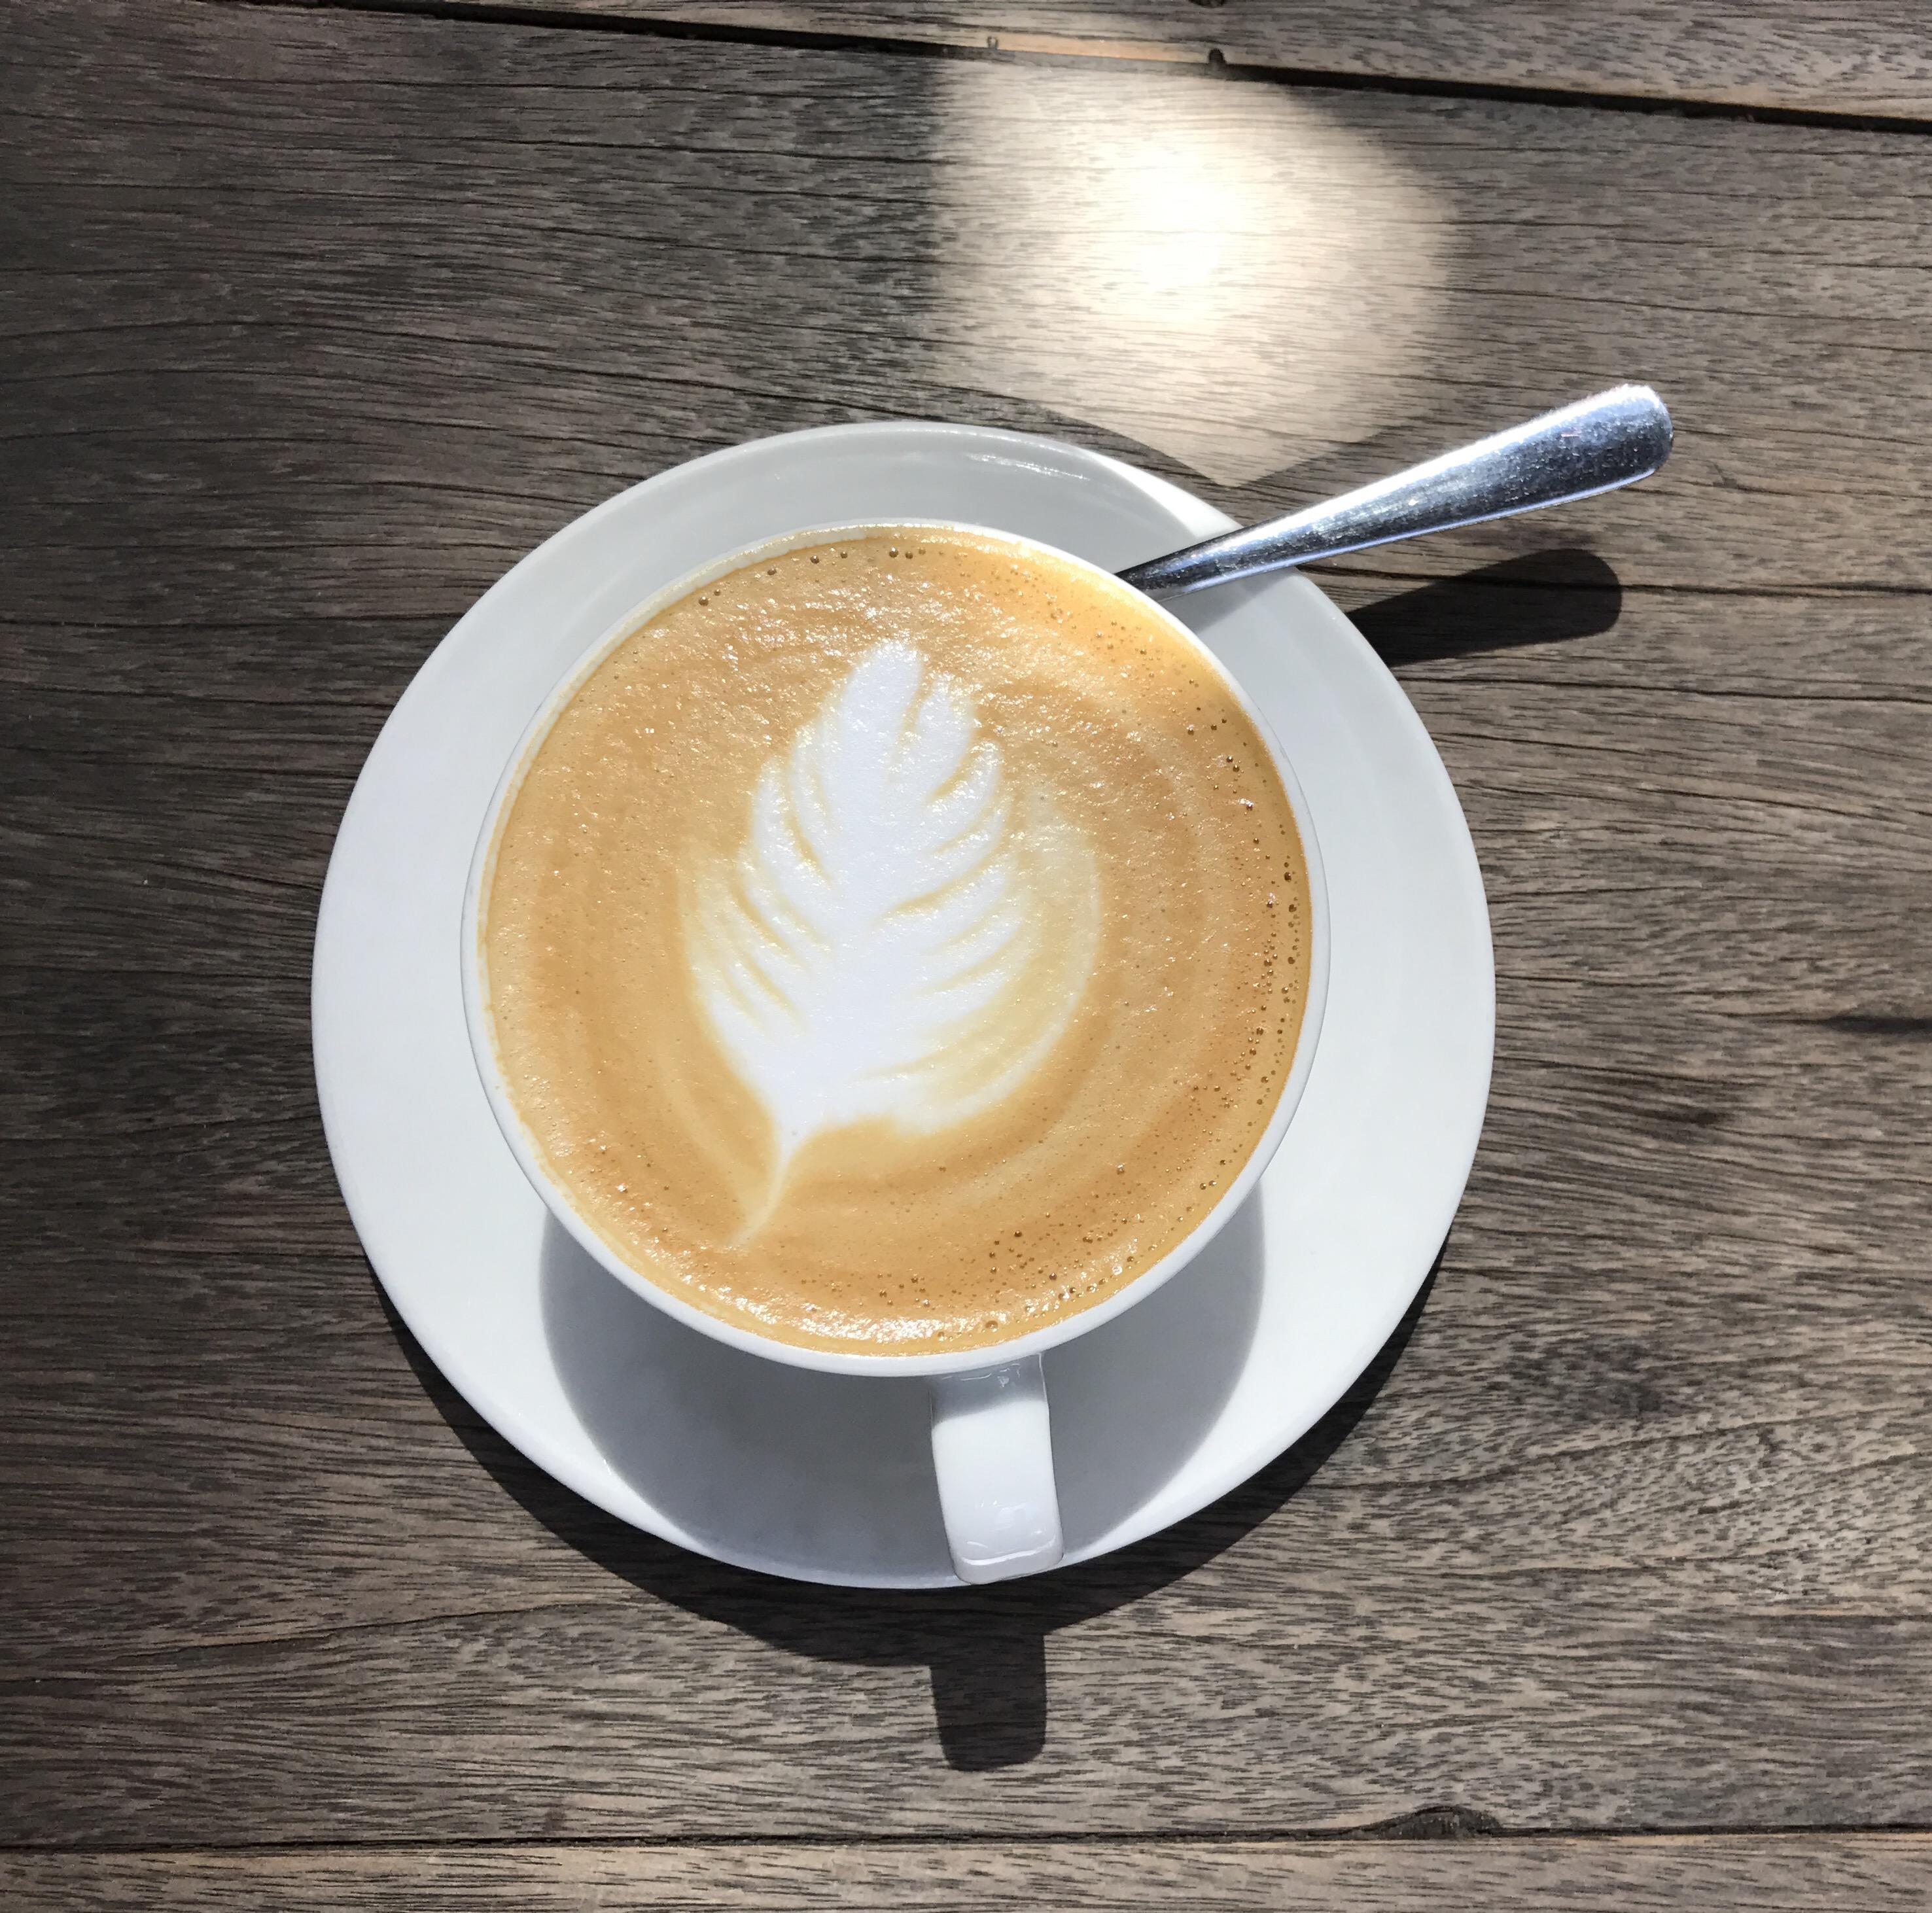 Kaffee mit Schaum